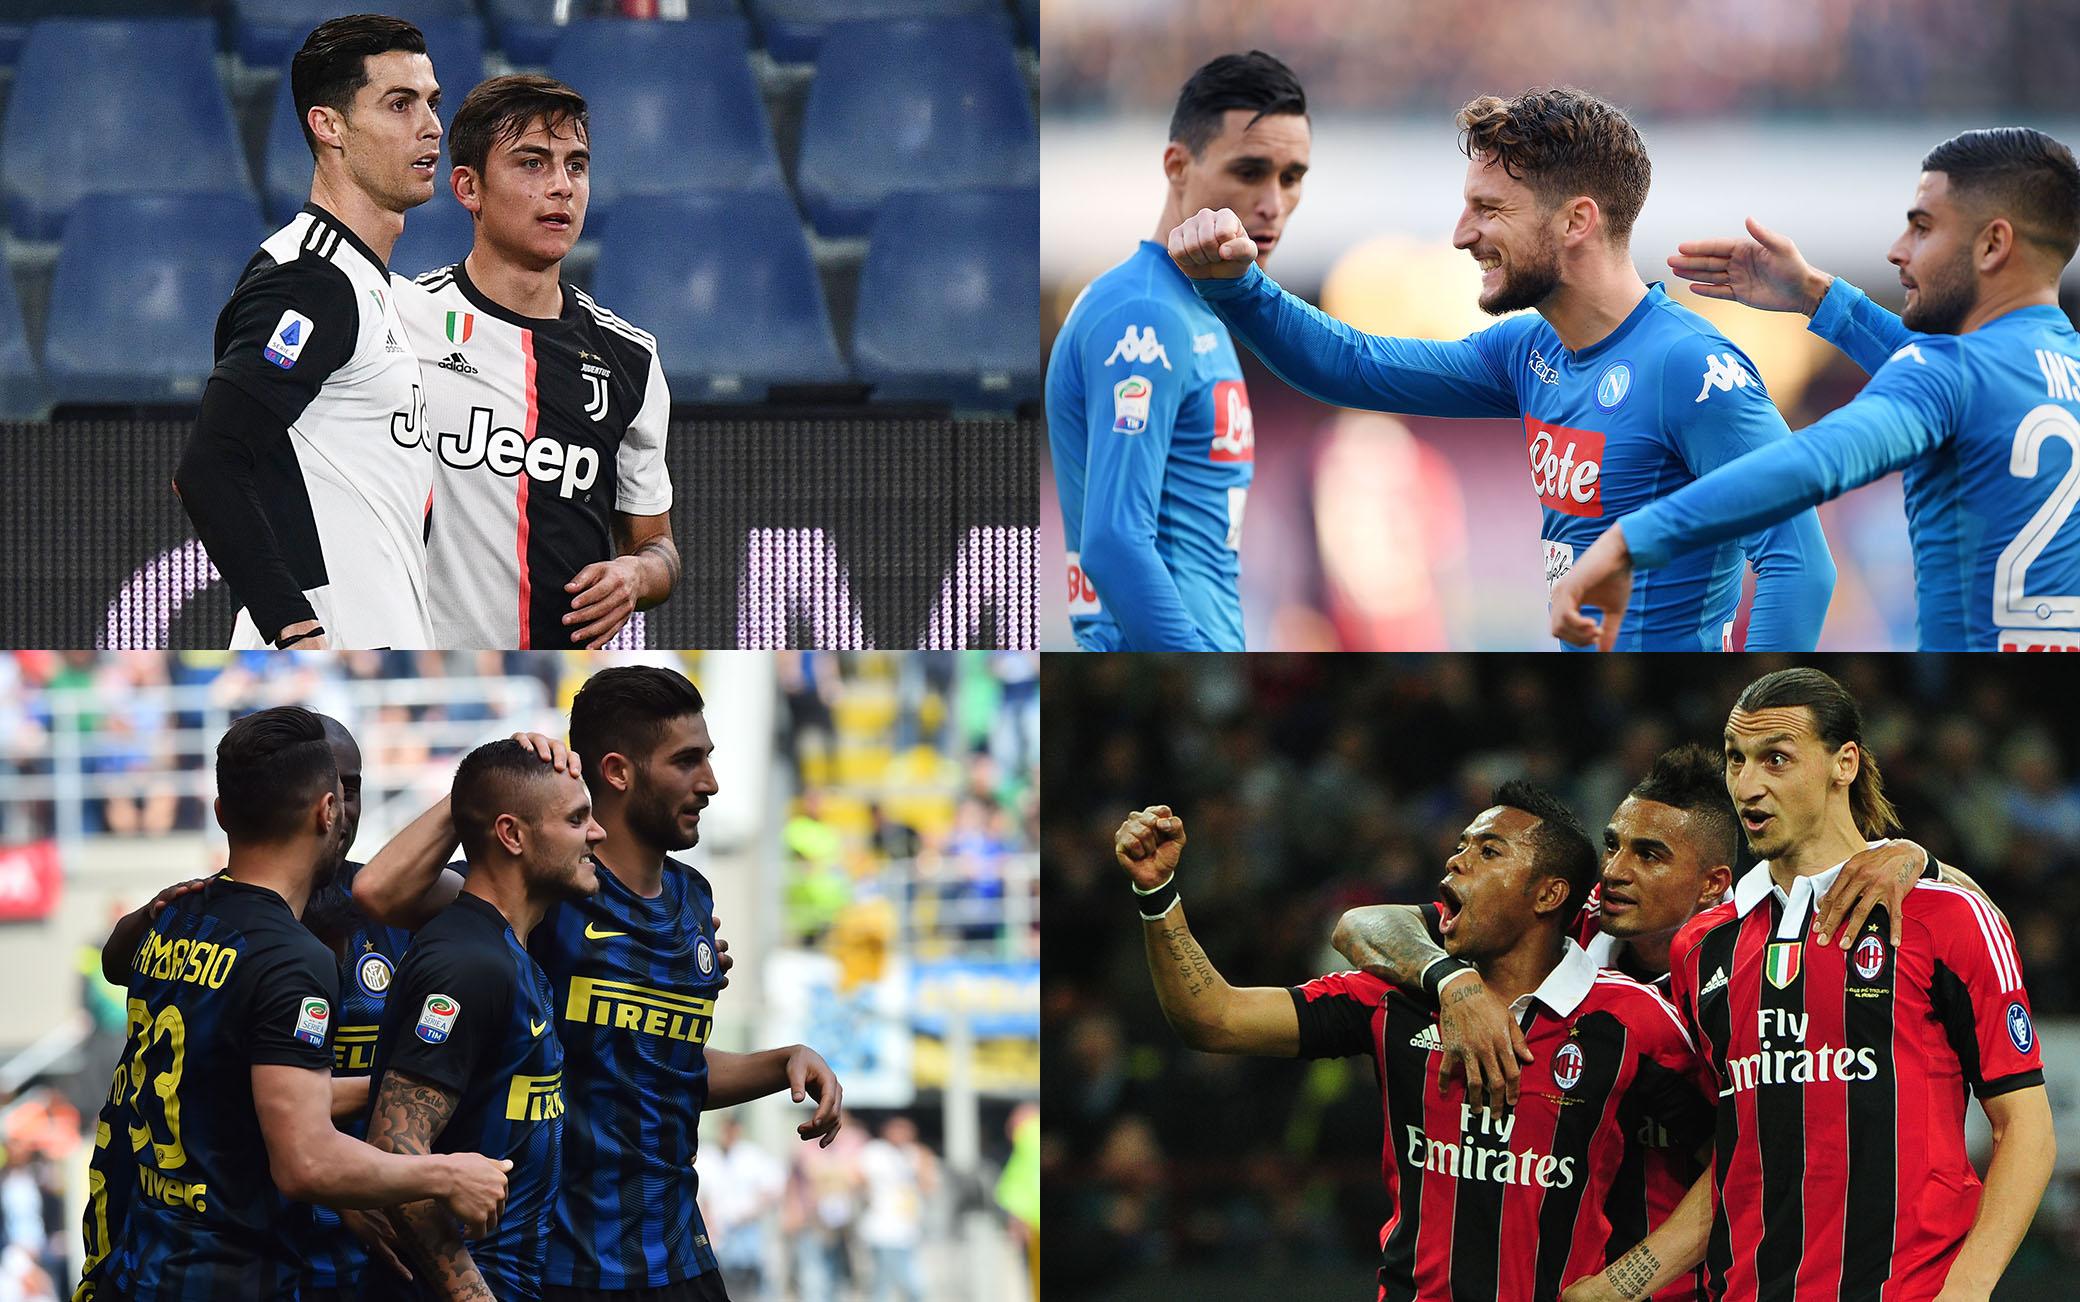 Serie A La Classifica Dei Gol Segnati Per Squadre Nel Decennio 2010 2019 Fanscalcio It